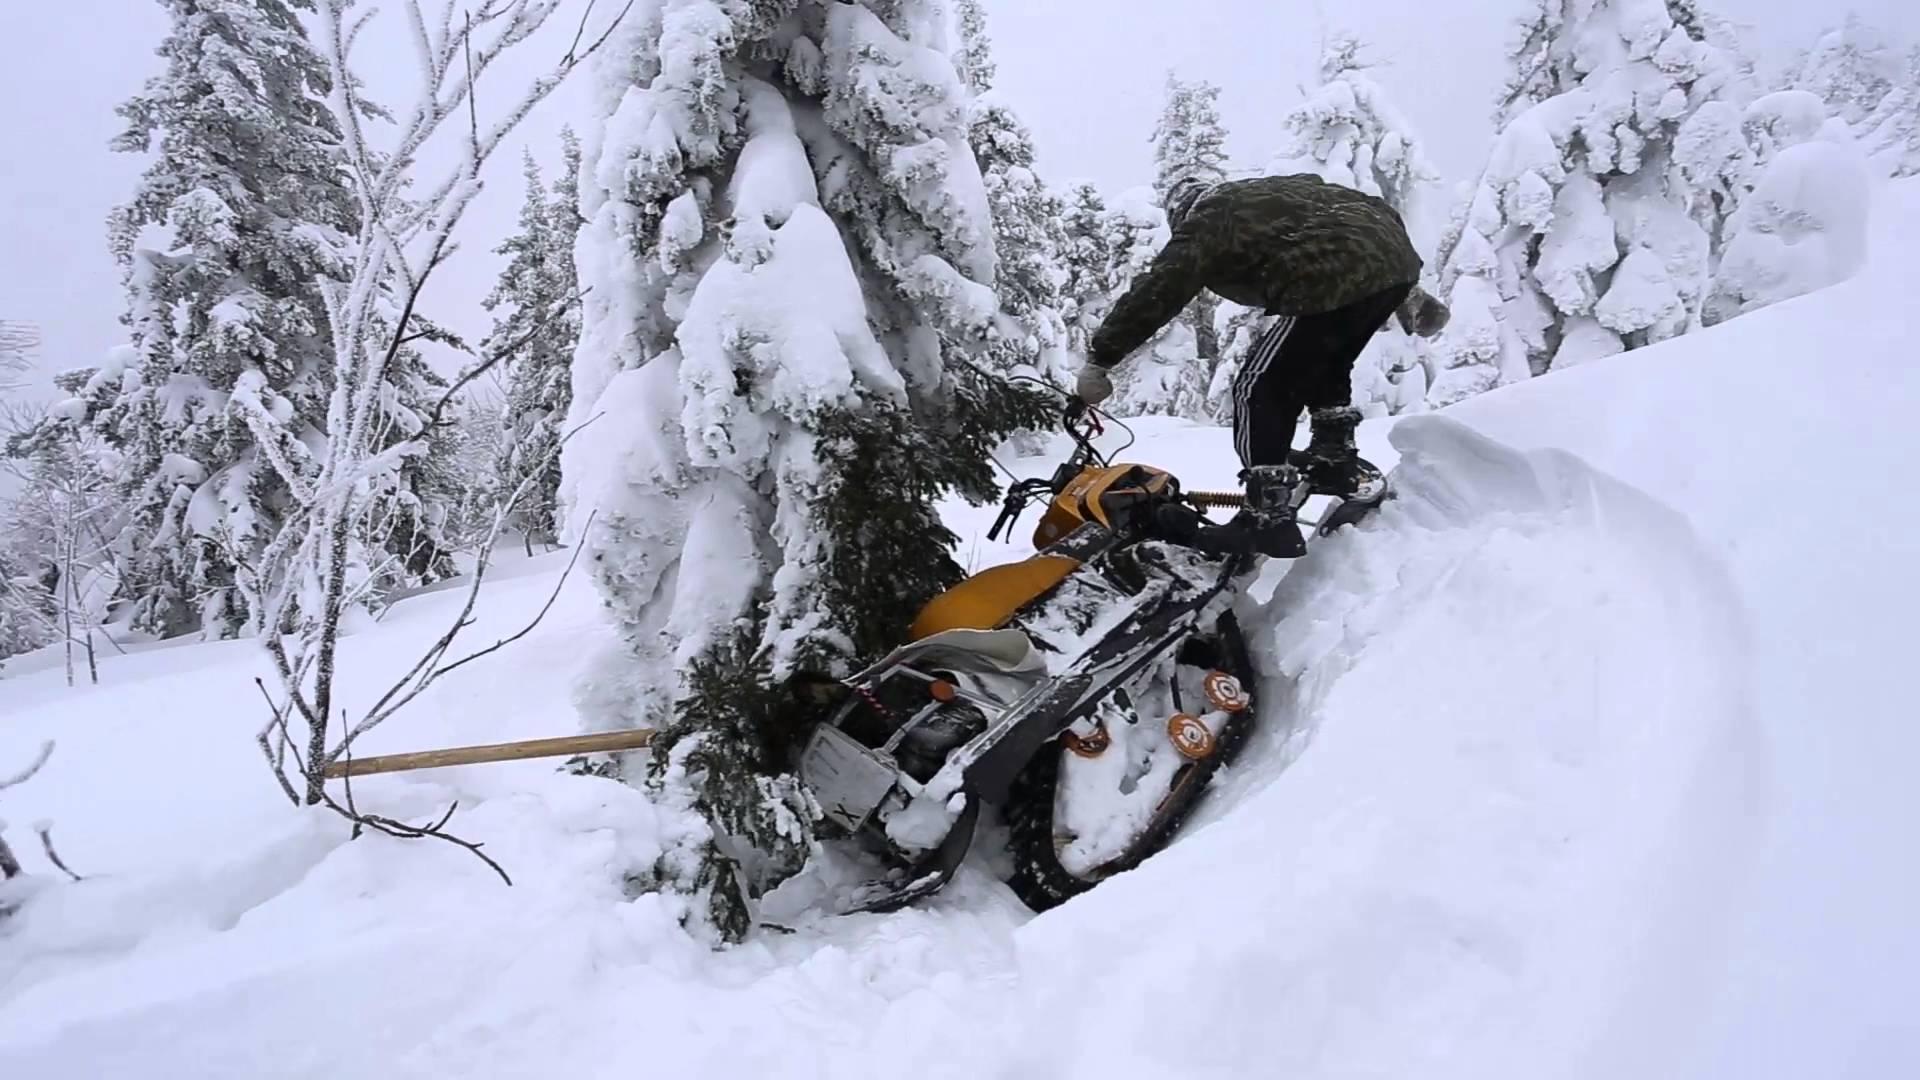 Водитель снегохода застрял в снежных заносах под Сосногорском - понадобилась помощь спасателей